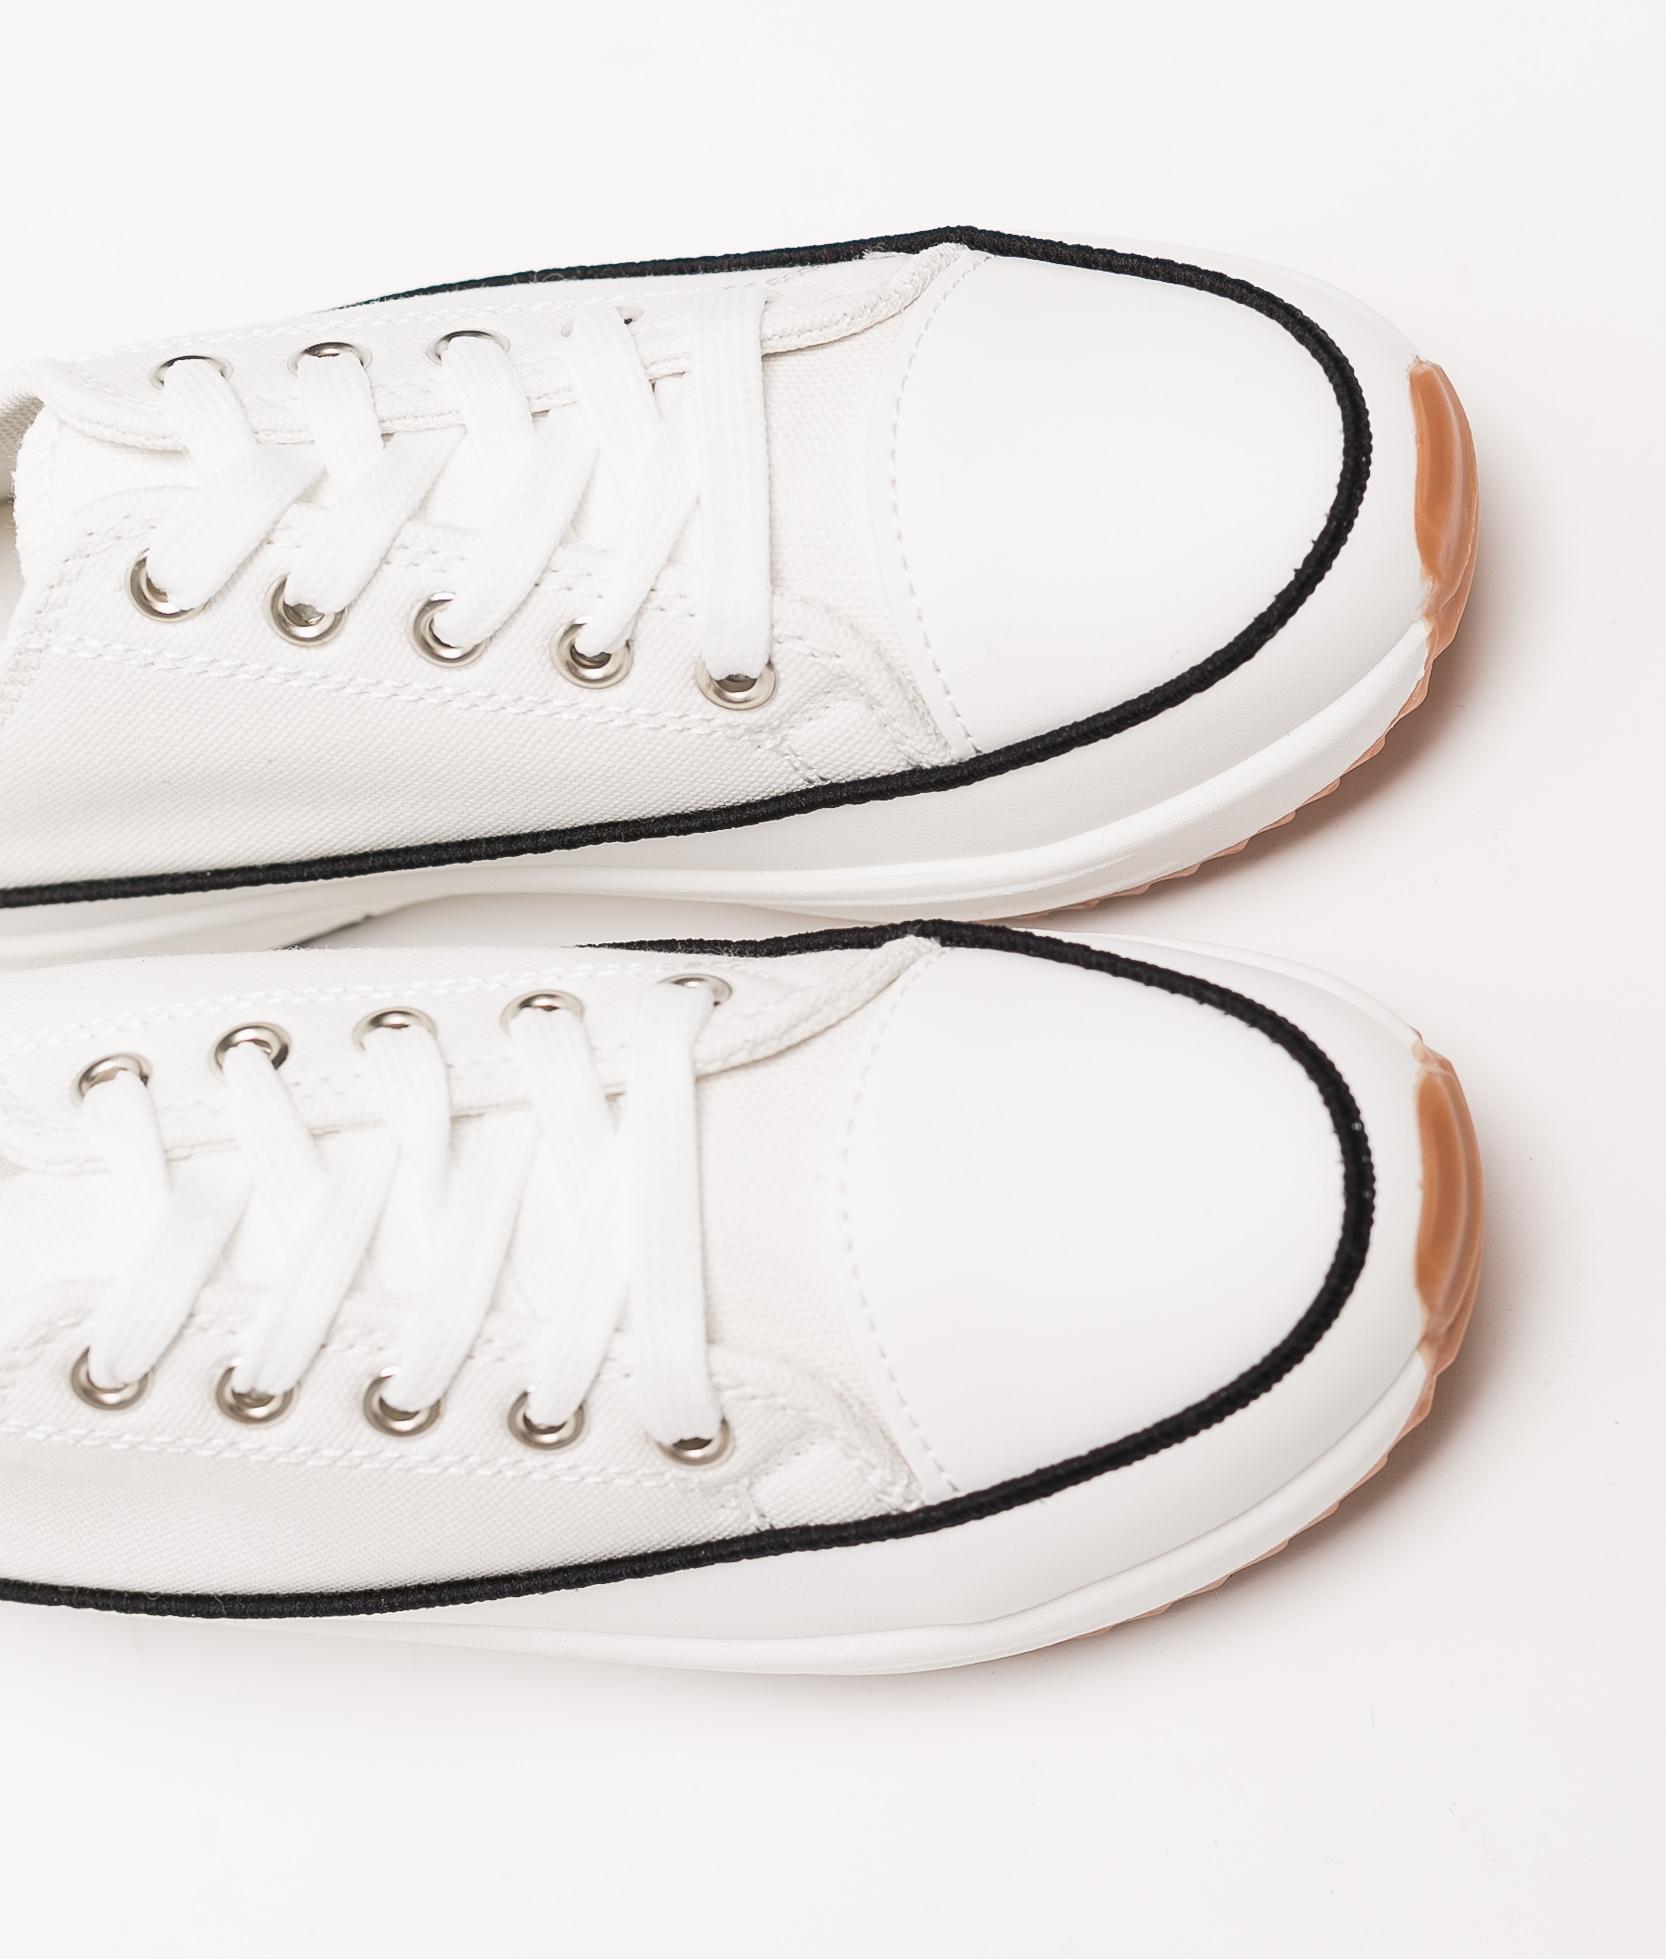 Sneakers Klun - White